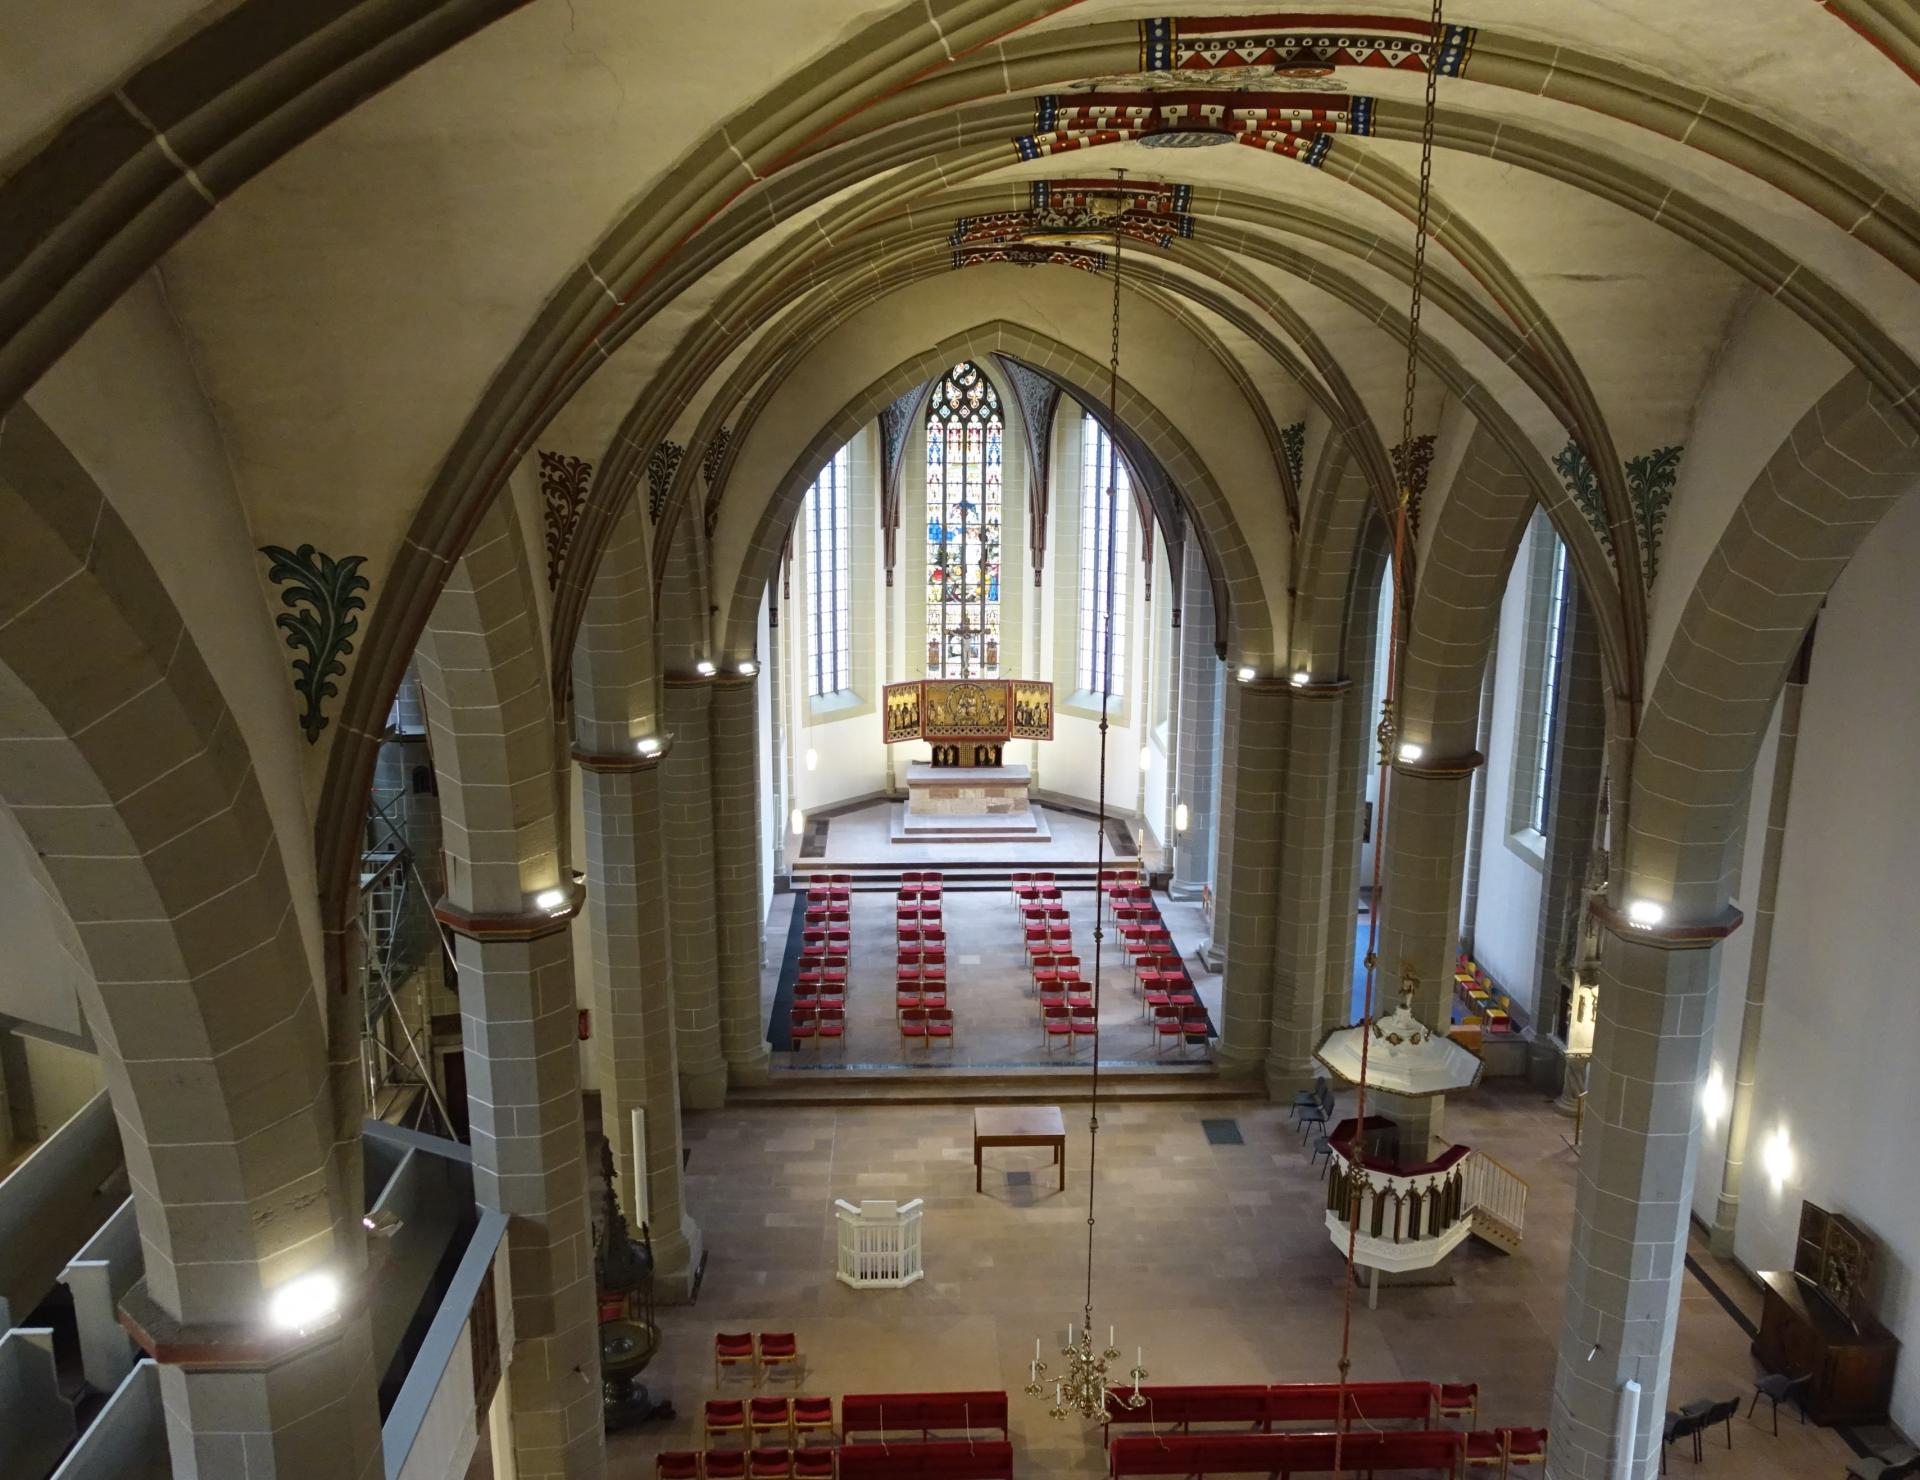 Der Blick in das Kirchenschiff aus der Höhe des Gewölbes aus der Orgel